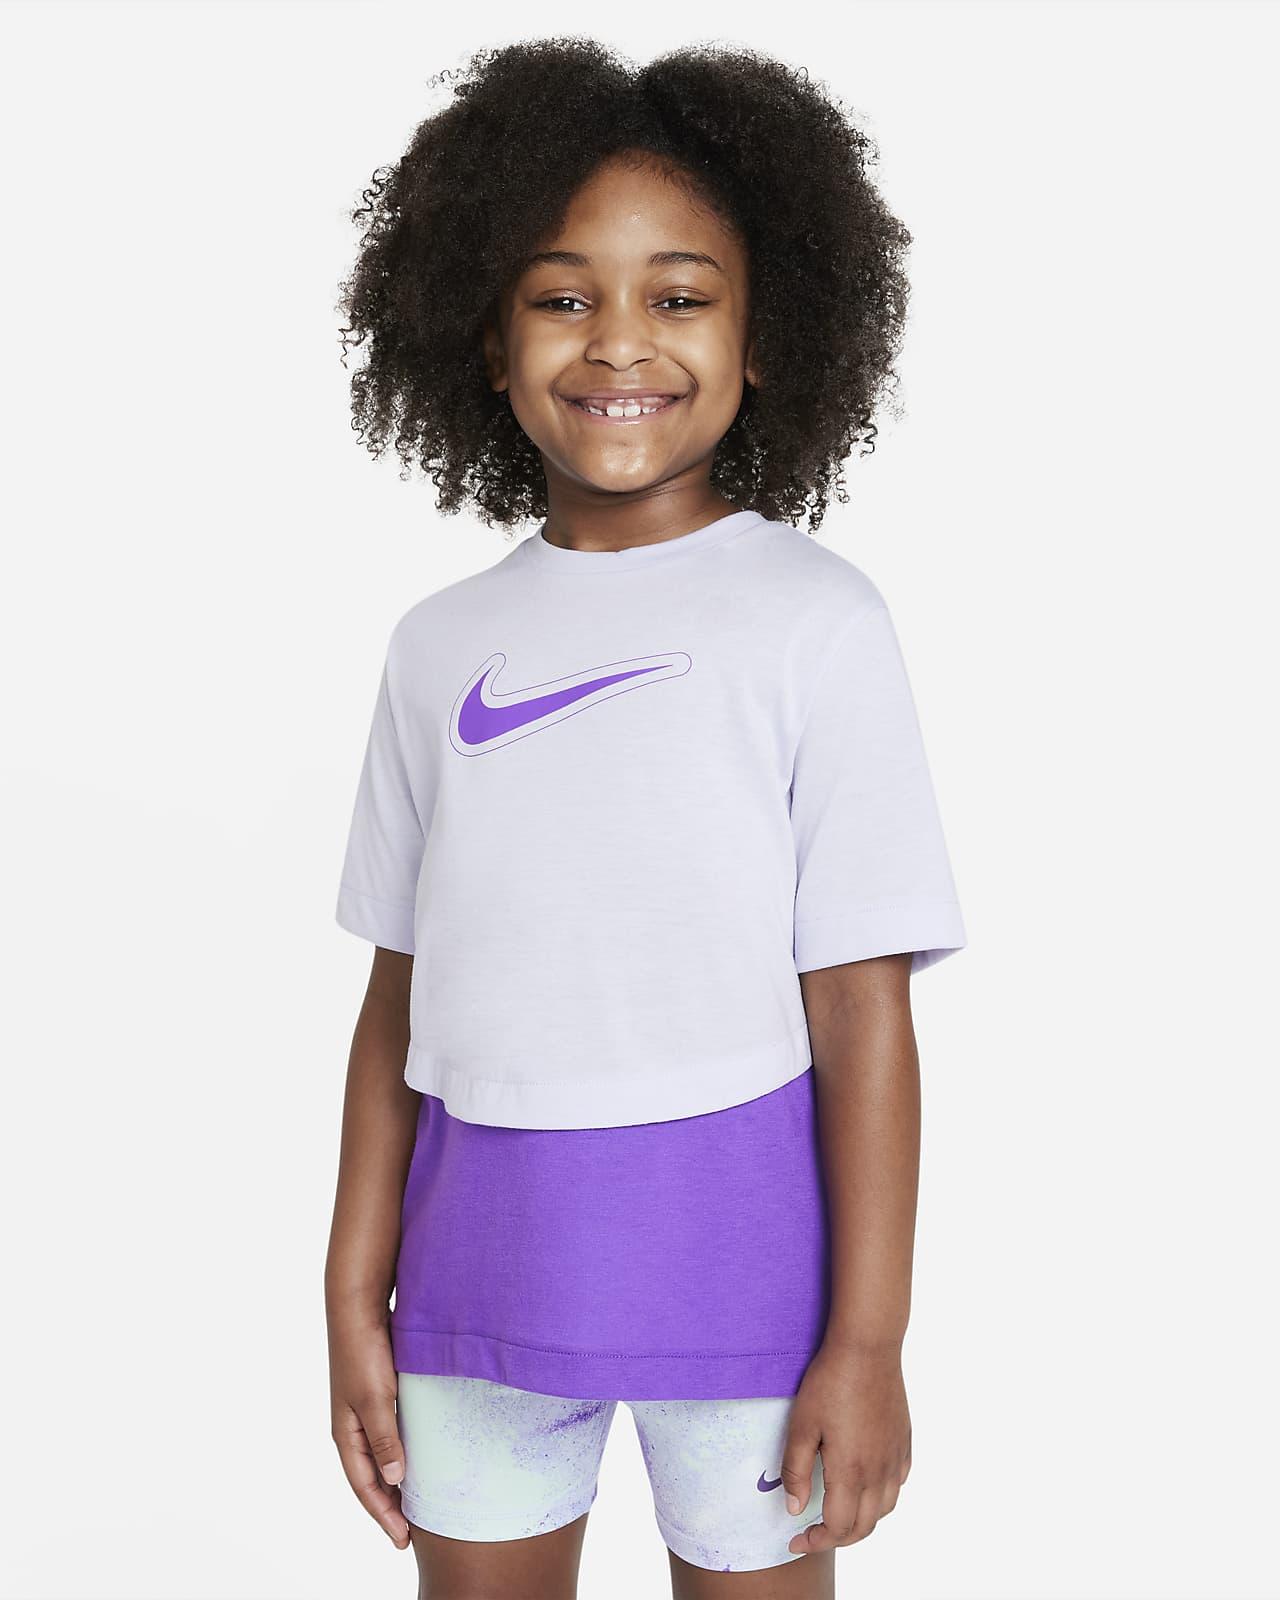 เสื้อเทรนนิ่งแขนสั้นเด็กโต Nike Dri-FIT Trophy (หญิง)